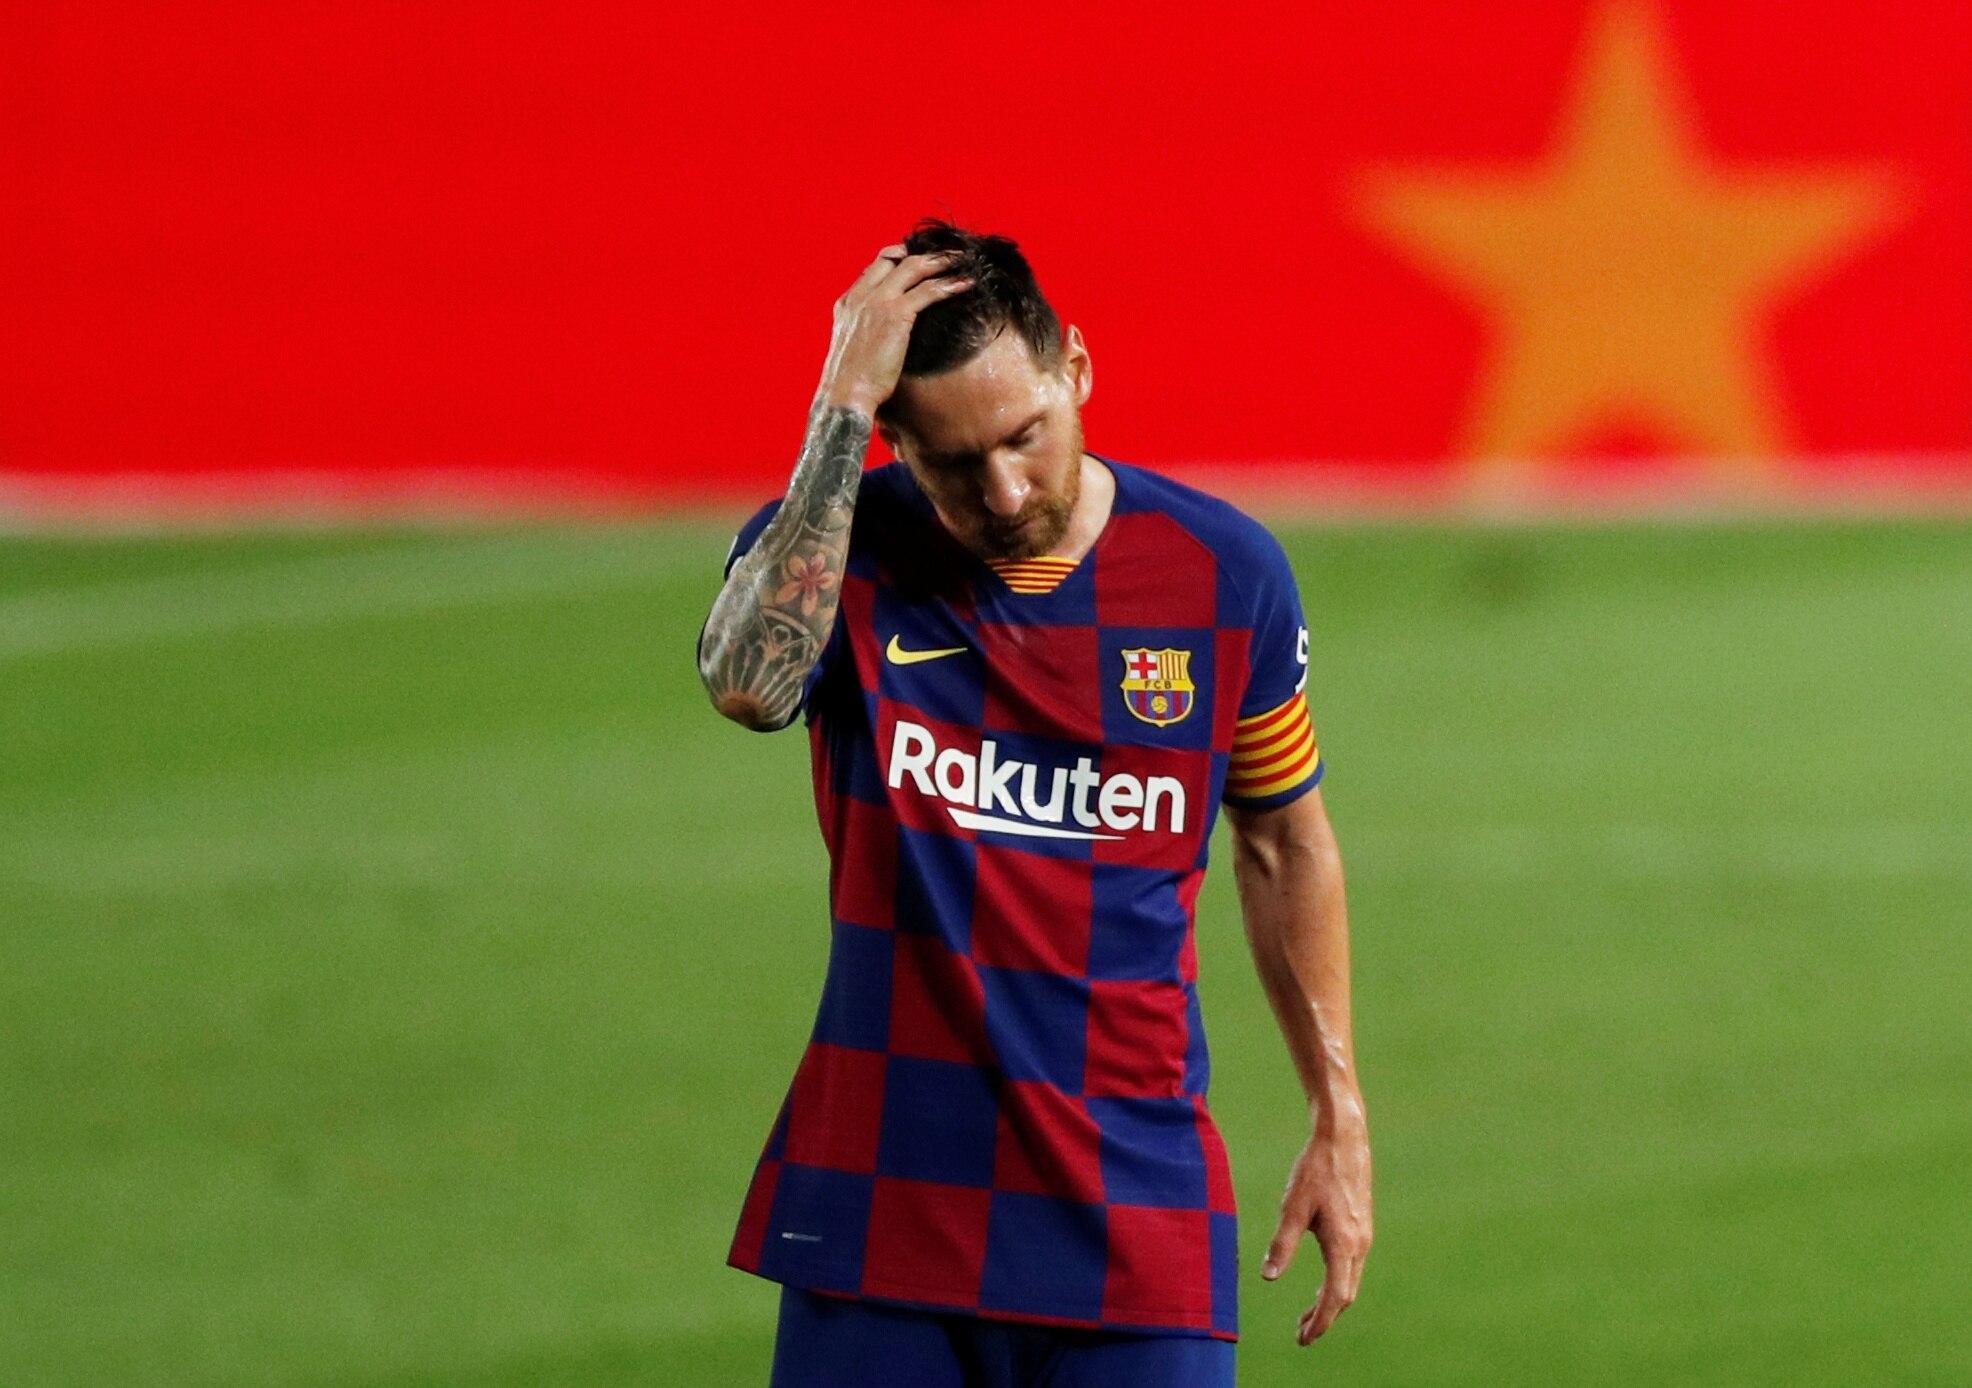 """Lionel Messi estalló tras una nueva desilusión del Barcelona: """"Así iba a ser difícil ganar la Champions, queda demostrado que no nos alcanzó ni para La Liga""""   - Infobae"""